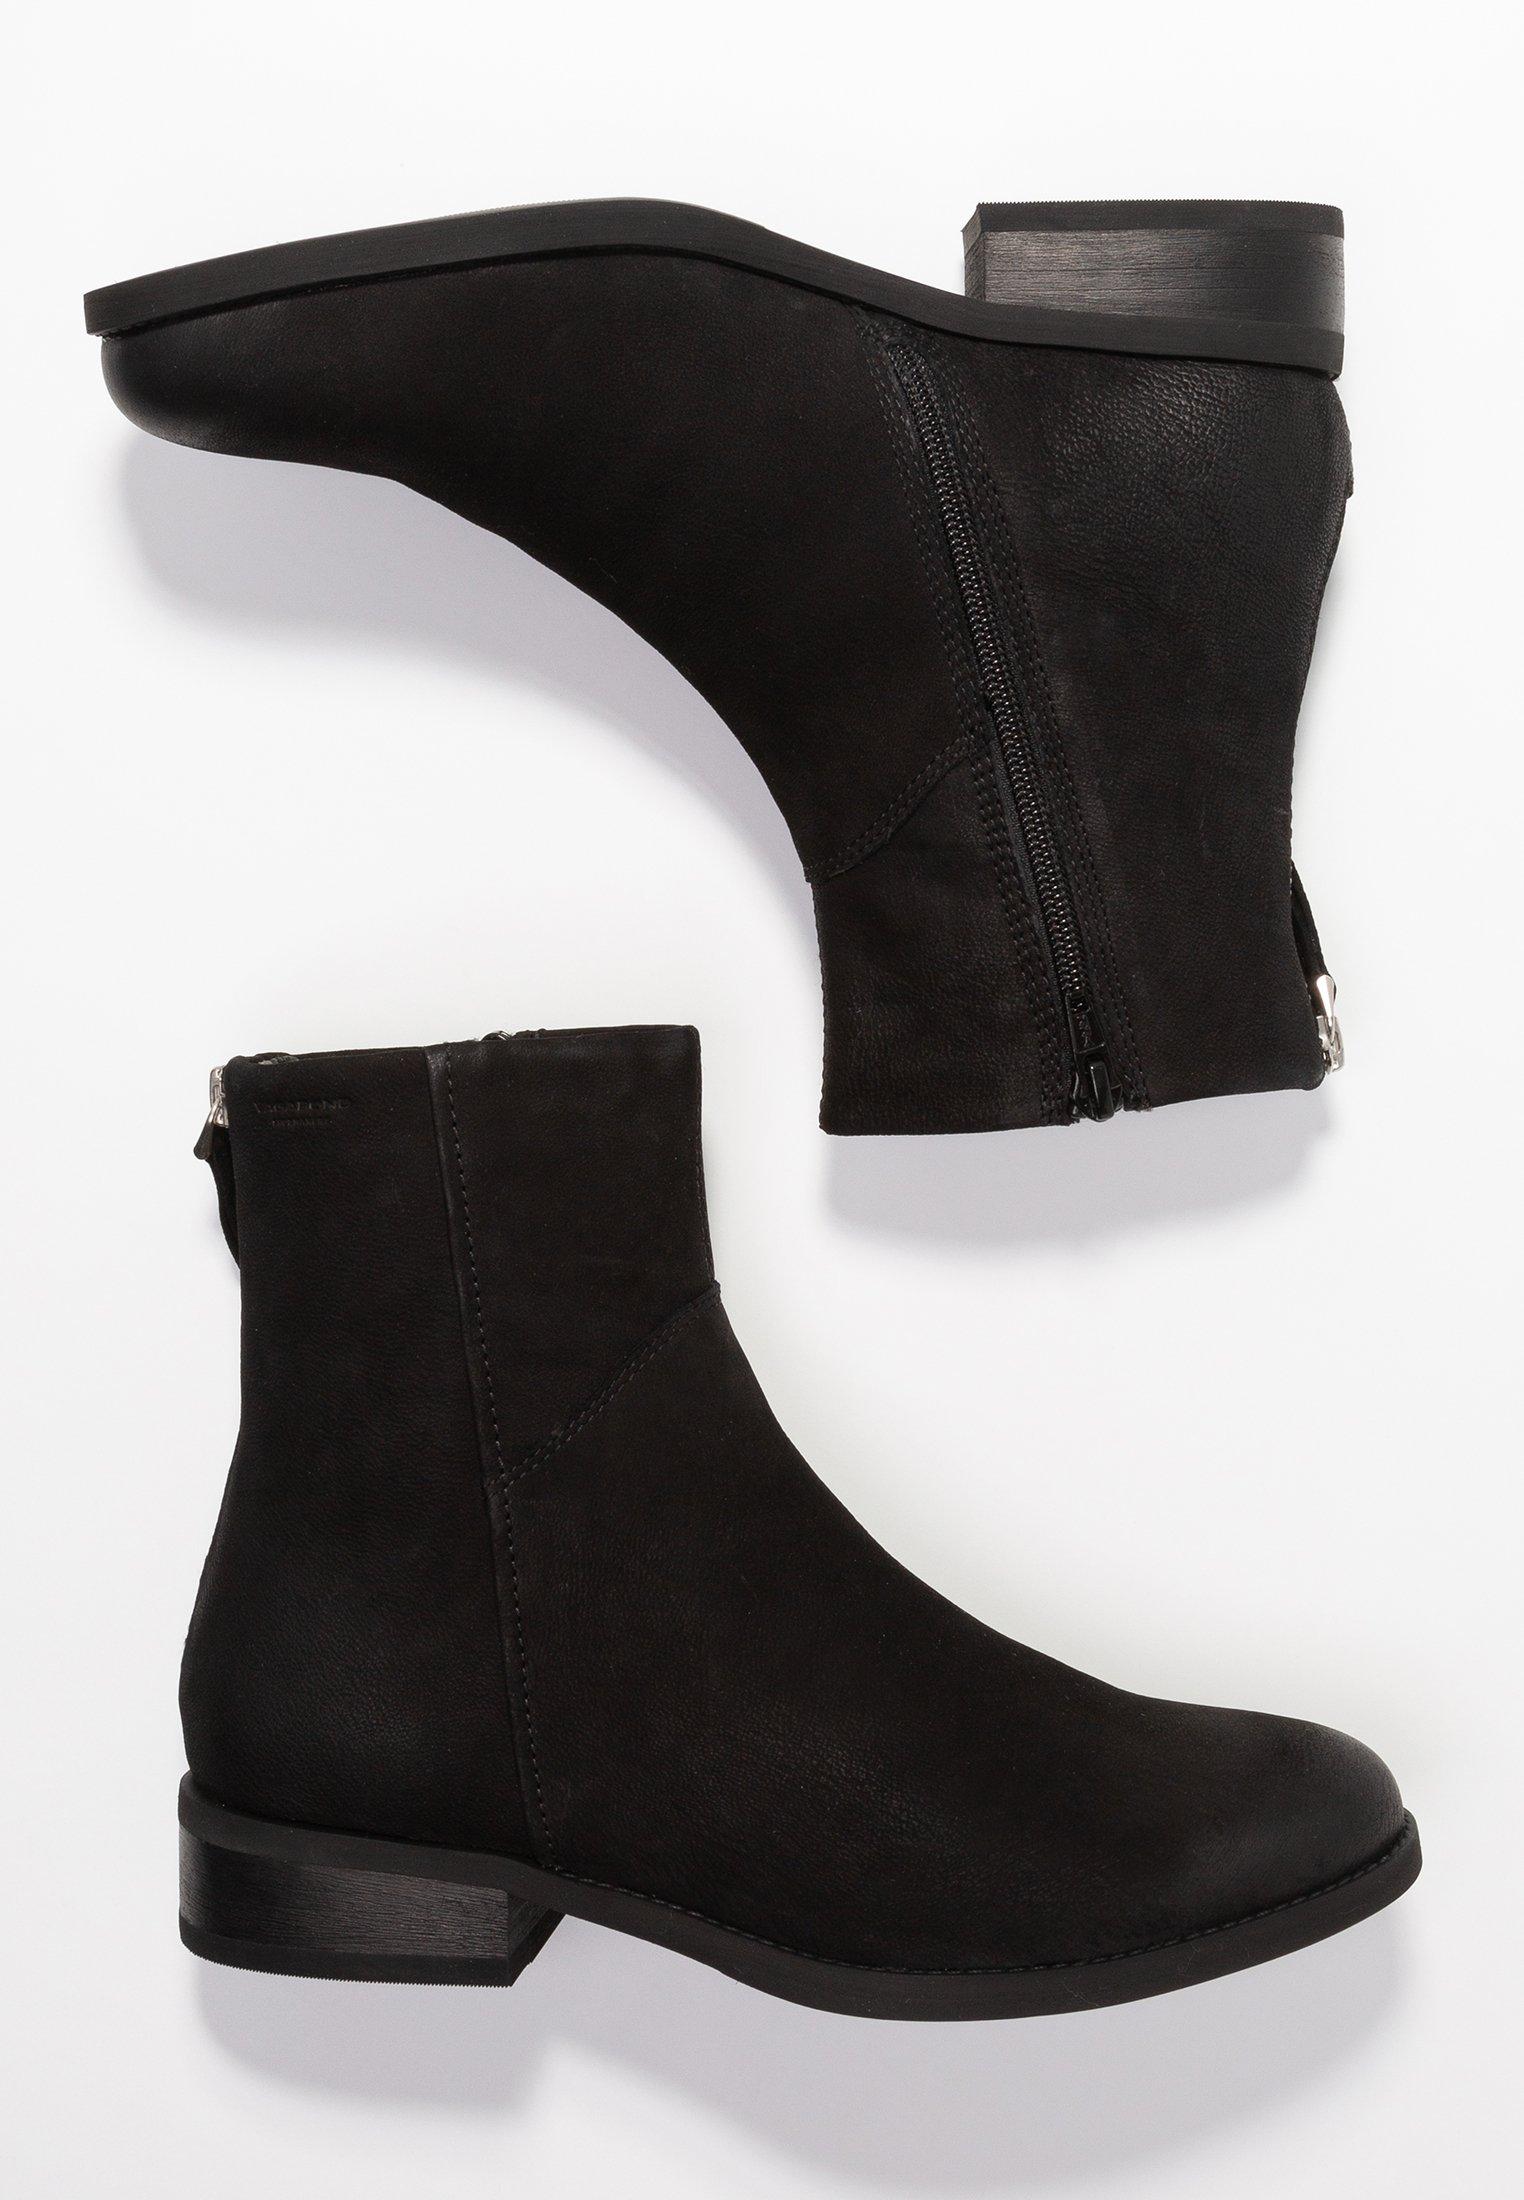 Vagabond Cary - Snowboot/winterstiefel Black/schwarz